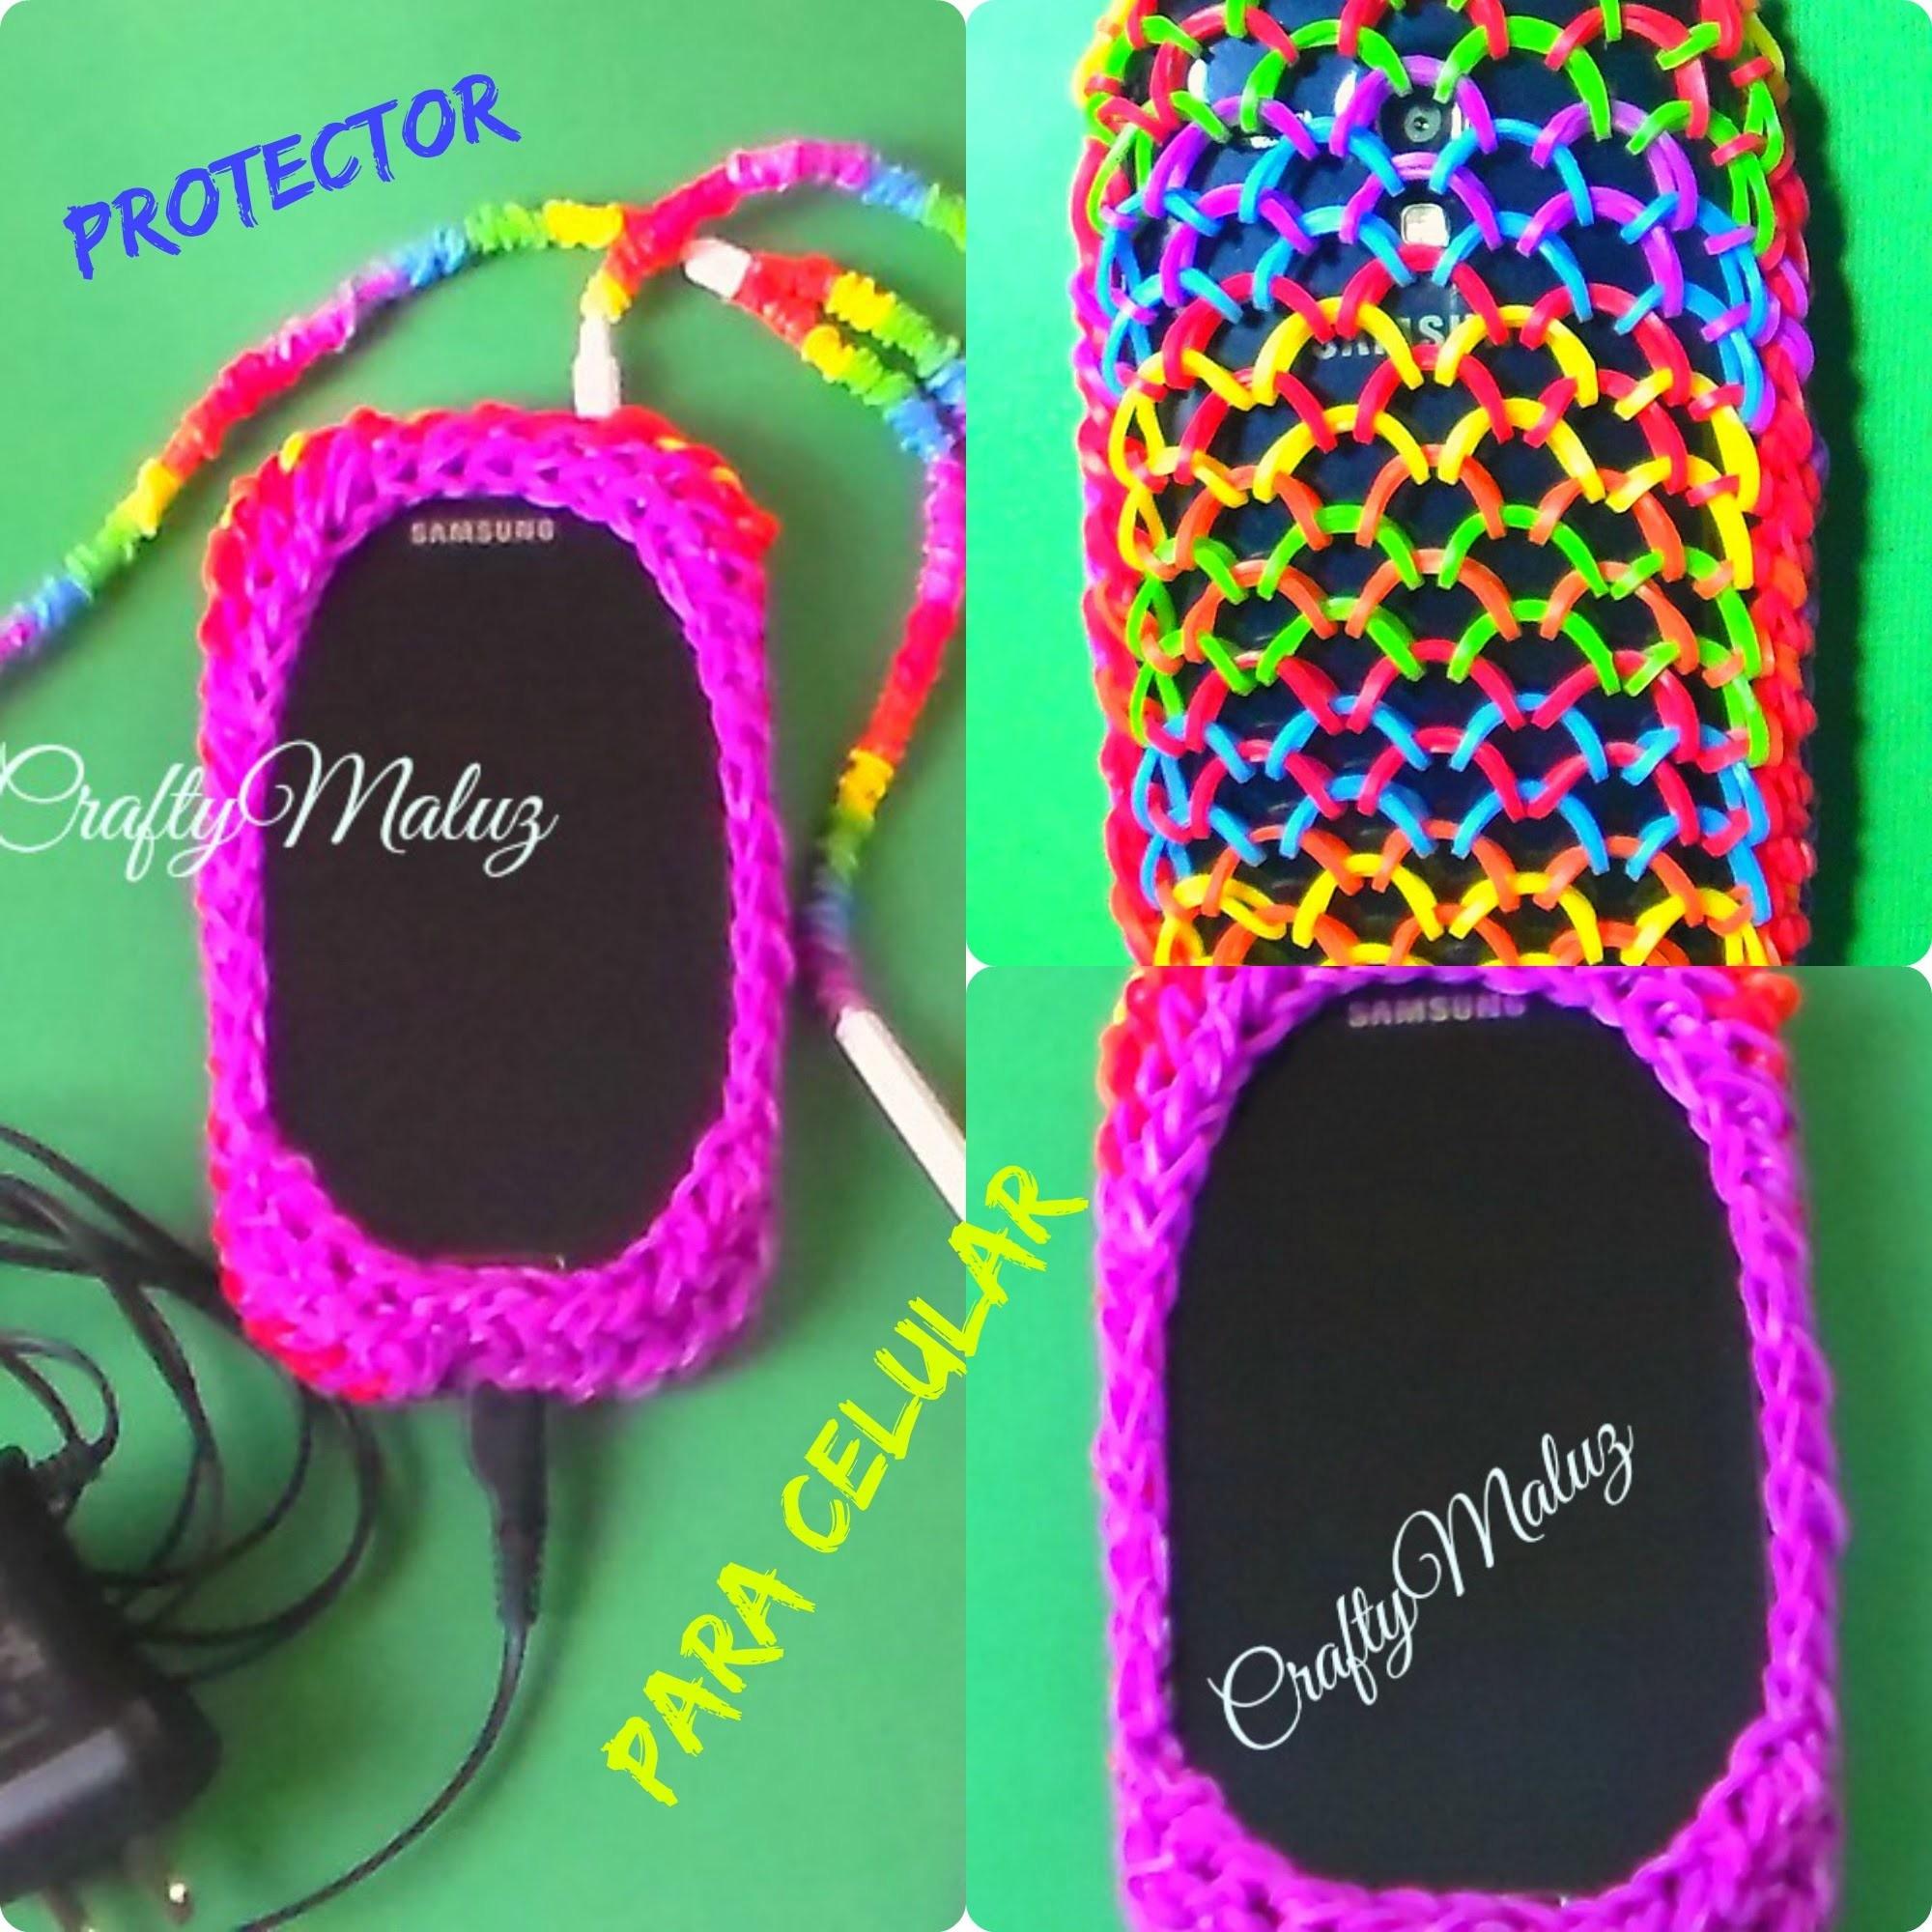 Como Hacer Protector para  Celular de Gomitas o ligas. How To Make A Rainbow Loom Phone Case